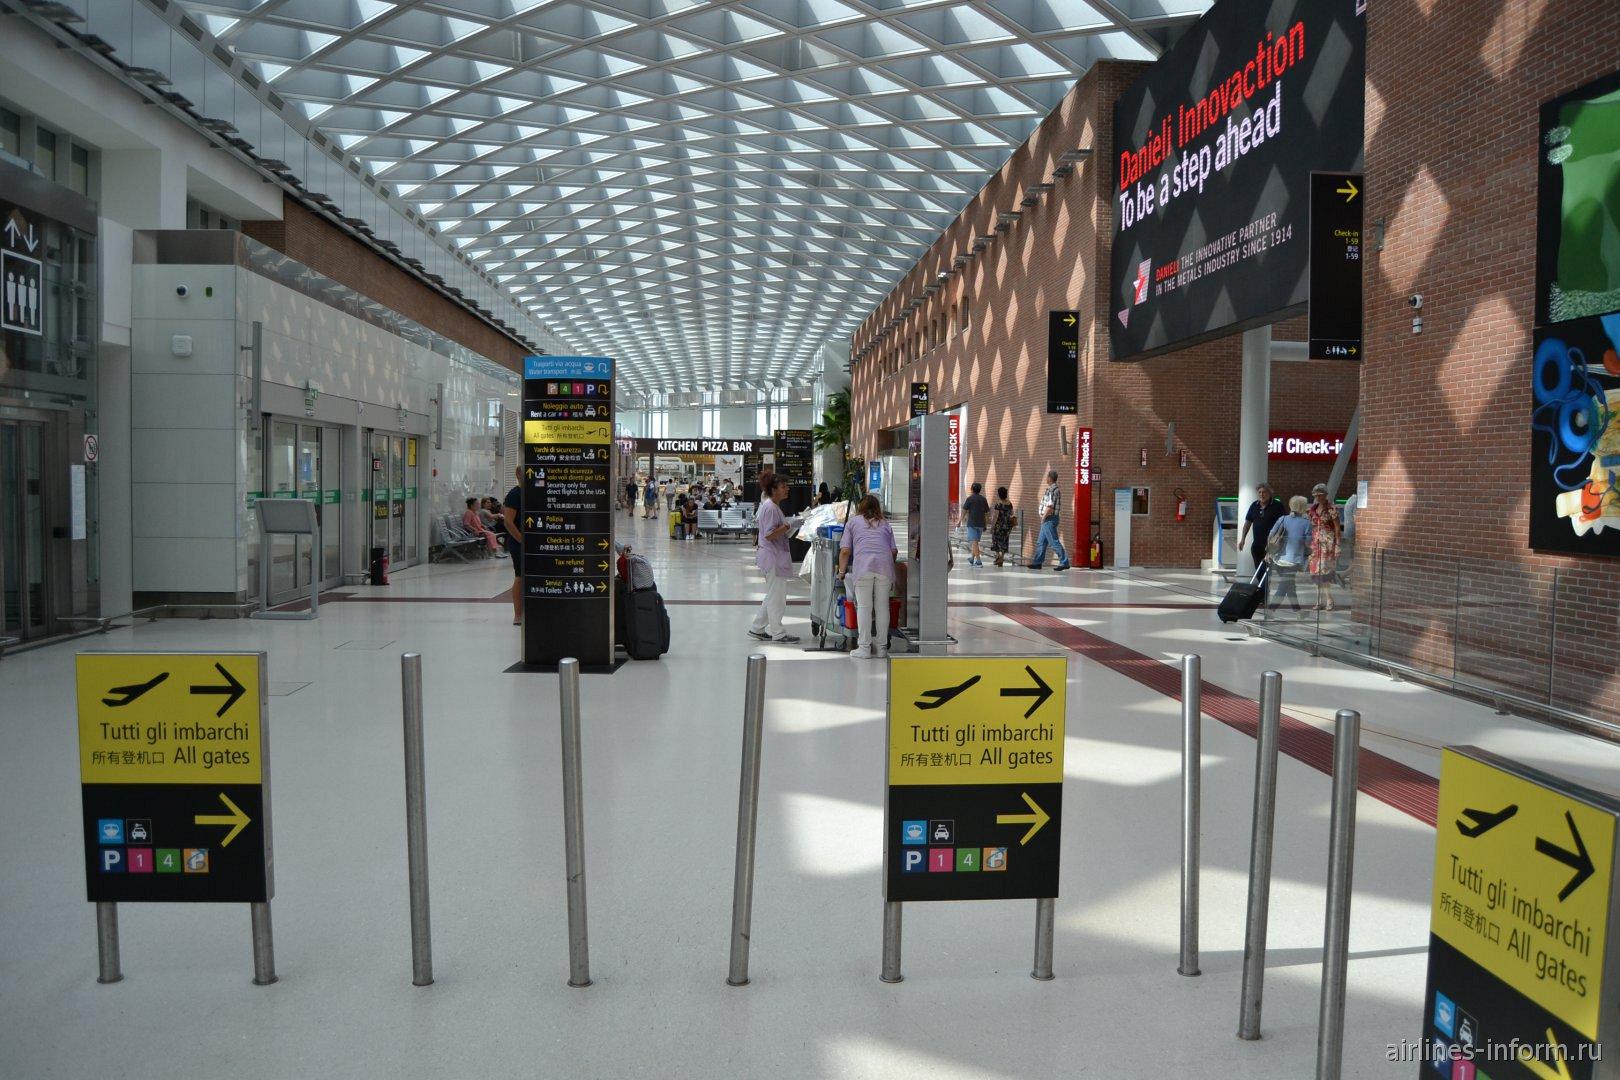 В пассажирском терминале аэропорта Венеция Марко Поло